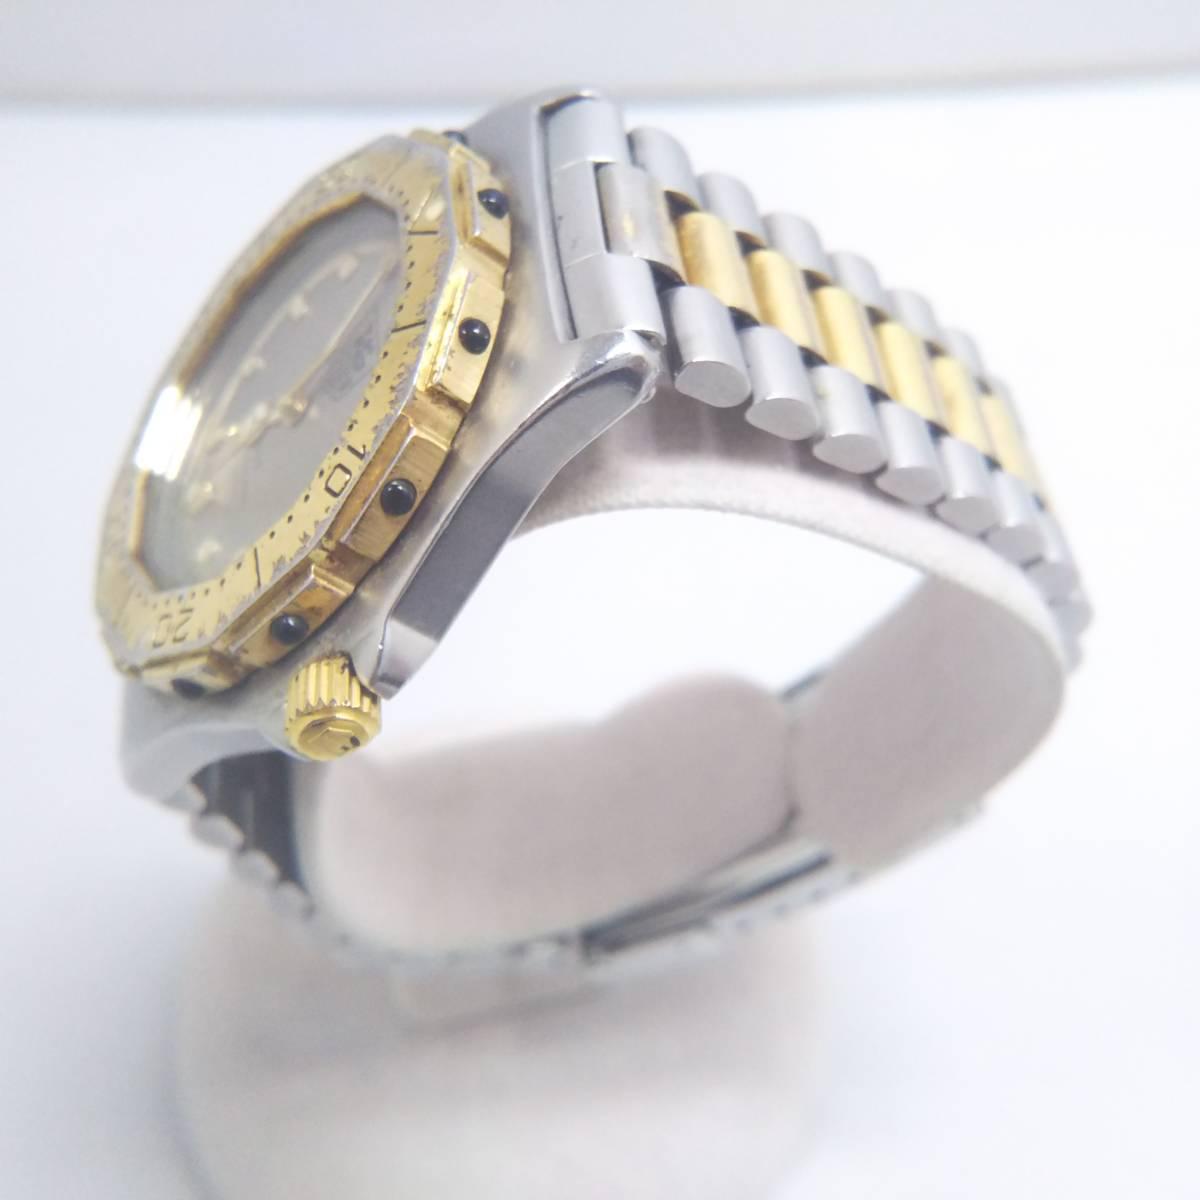 TAG HEUER タグホイヤー プロフェッショナル 934 206 デイト ゴールド 腕時計 クォーツ 電池式 ステンレスベルト メンズ_画像3